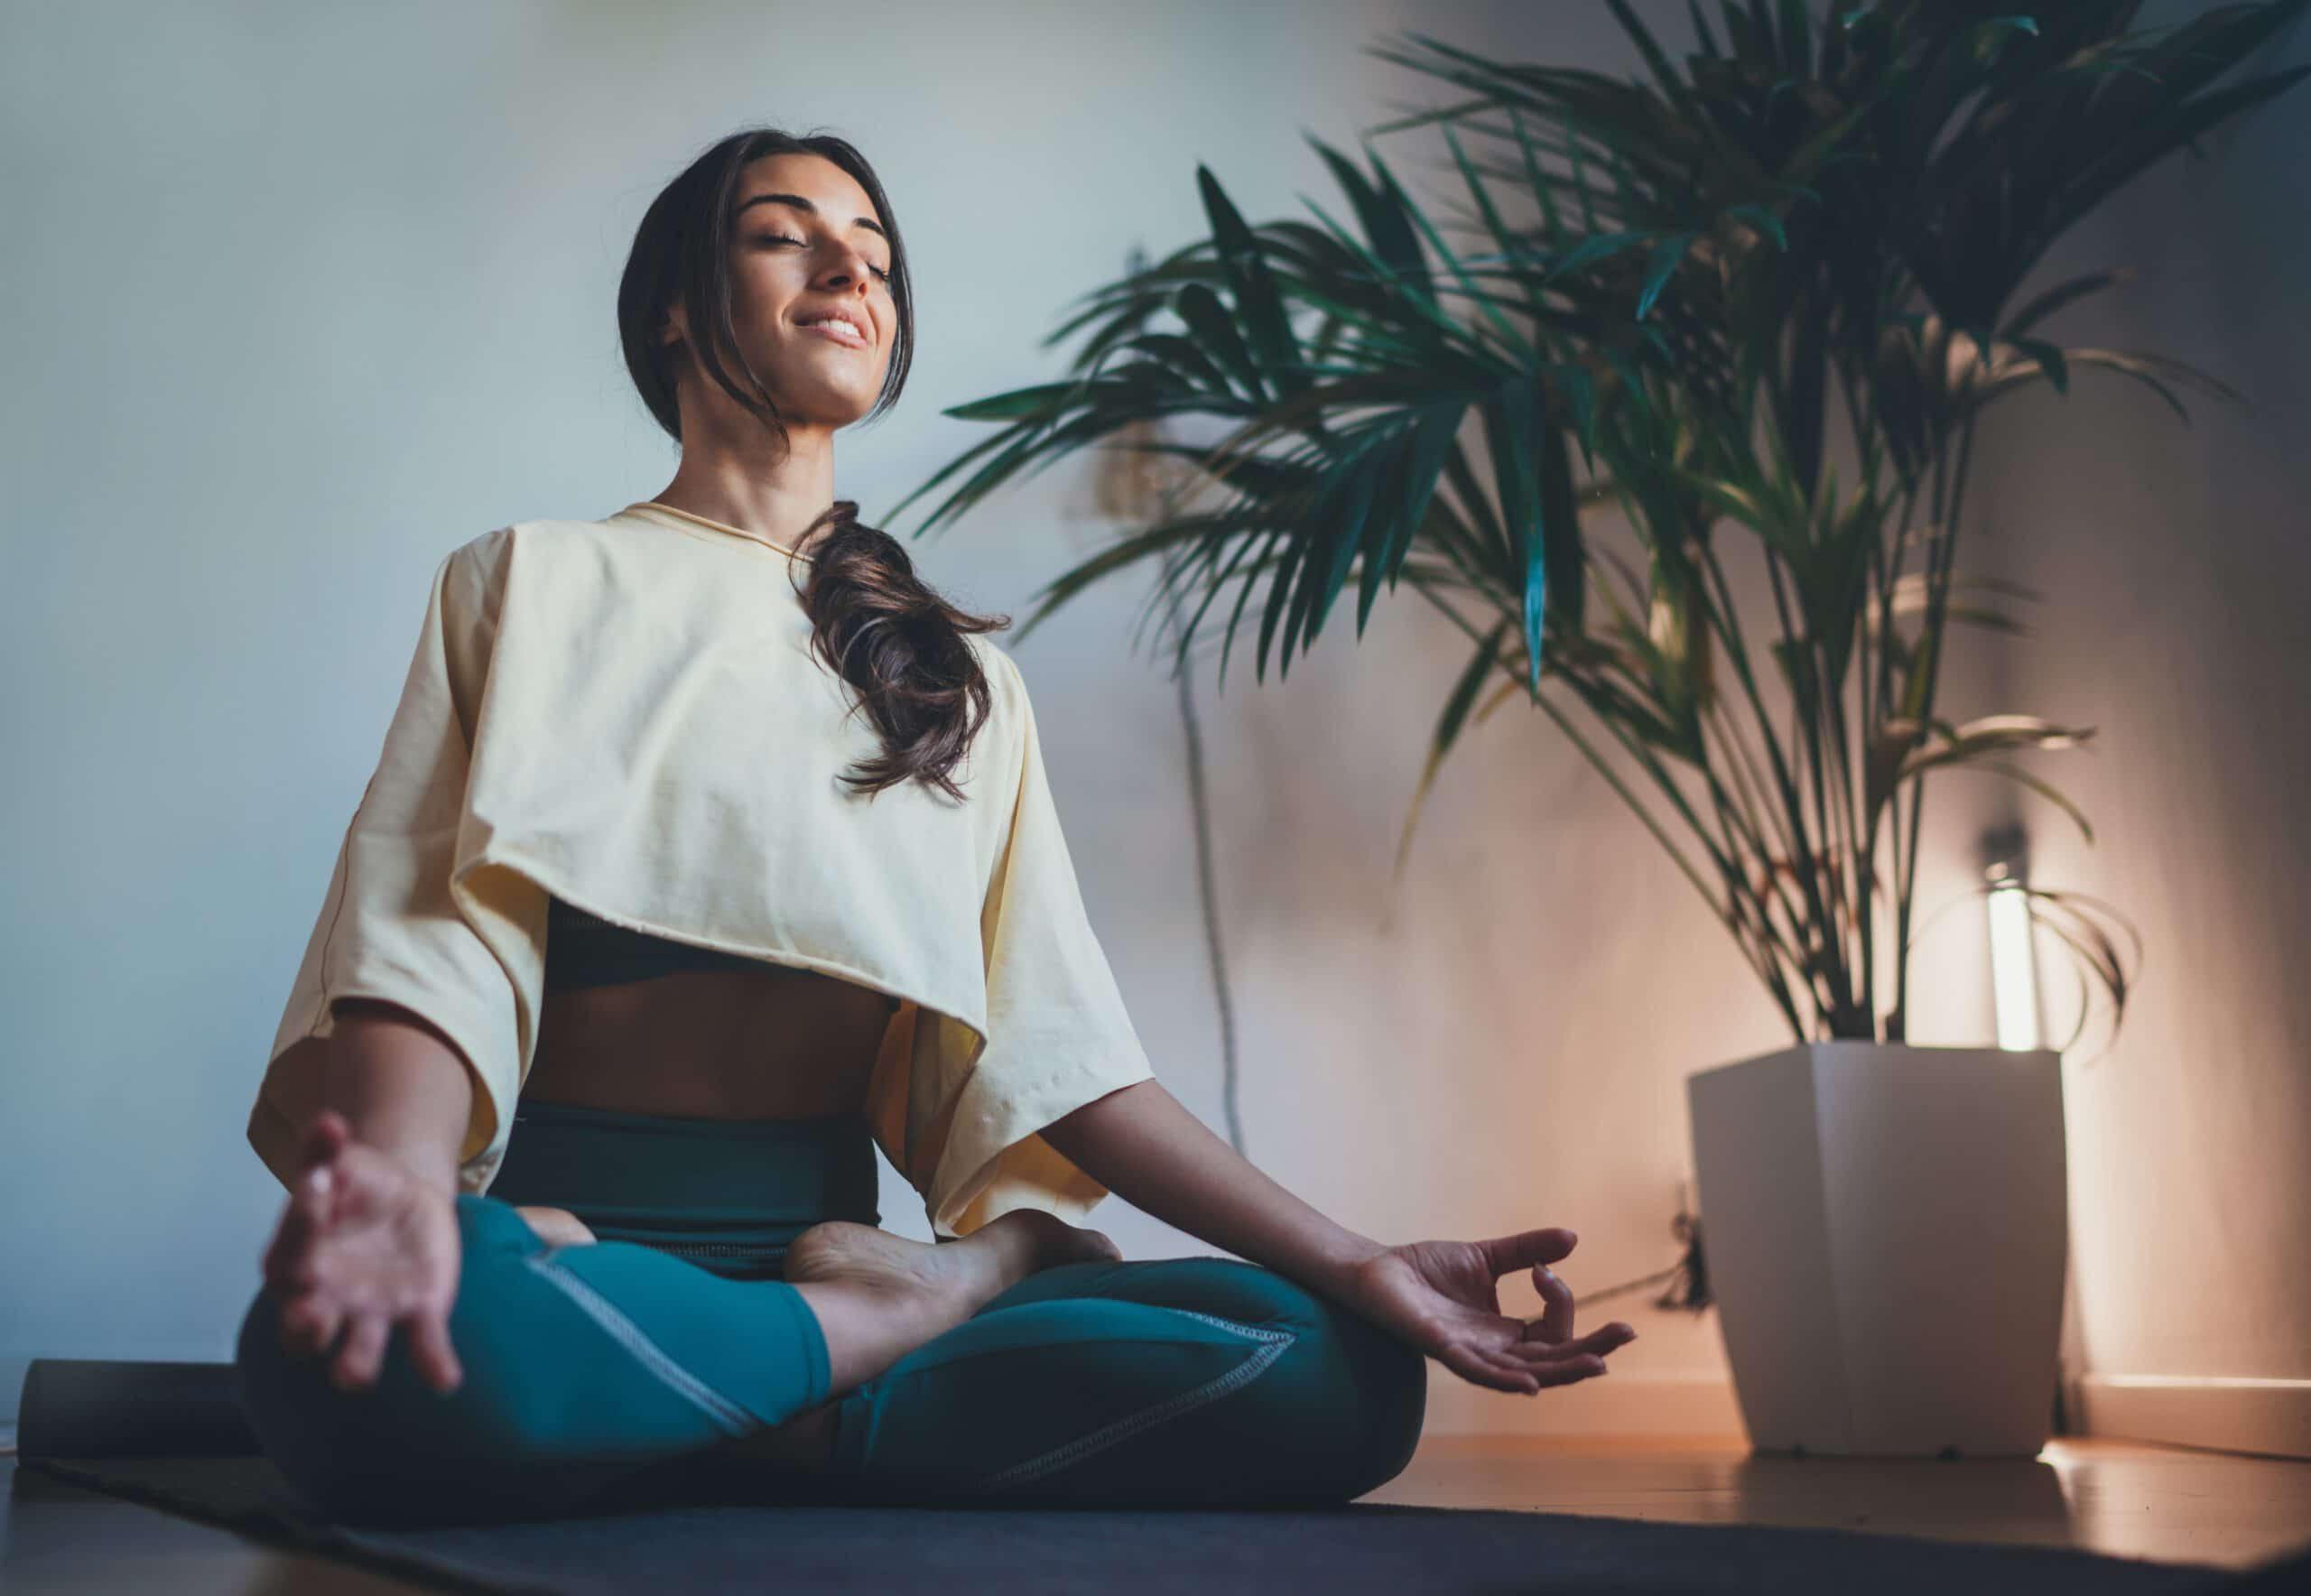 Medytacja - 10 korzyści dla zdrowia